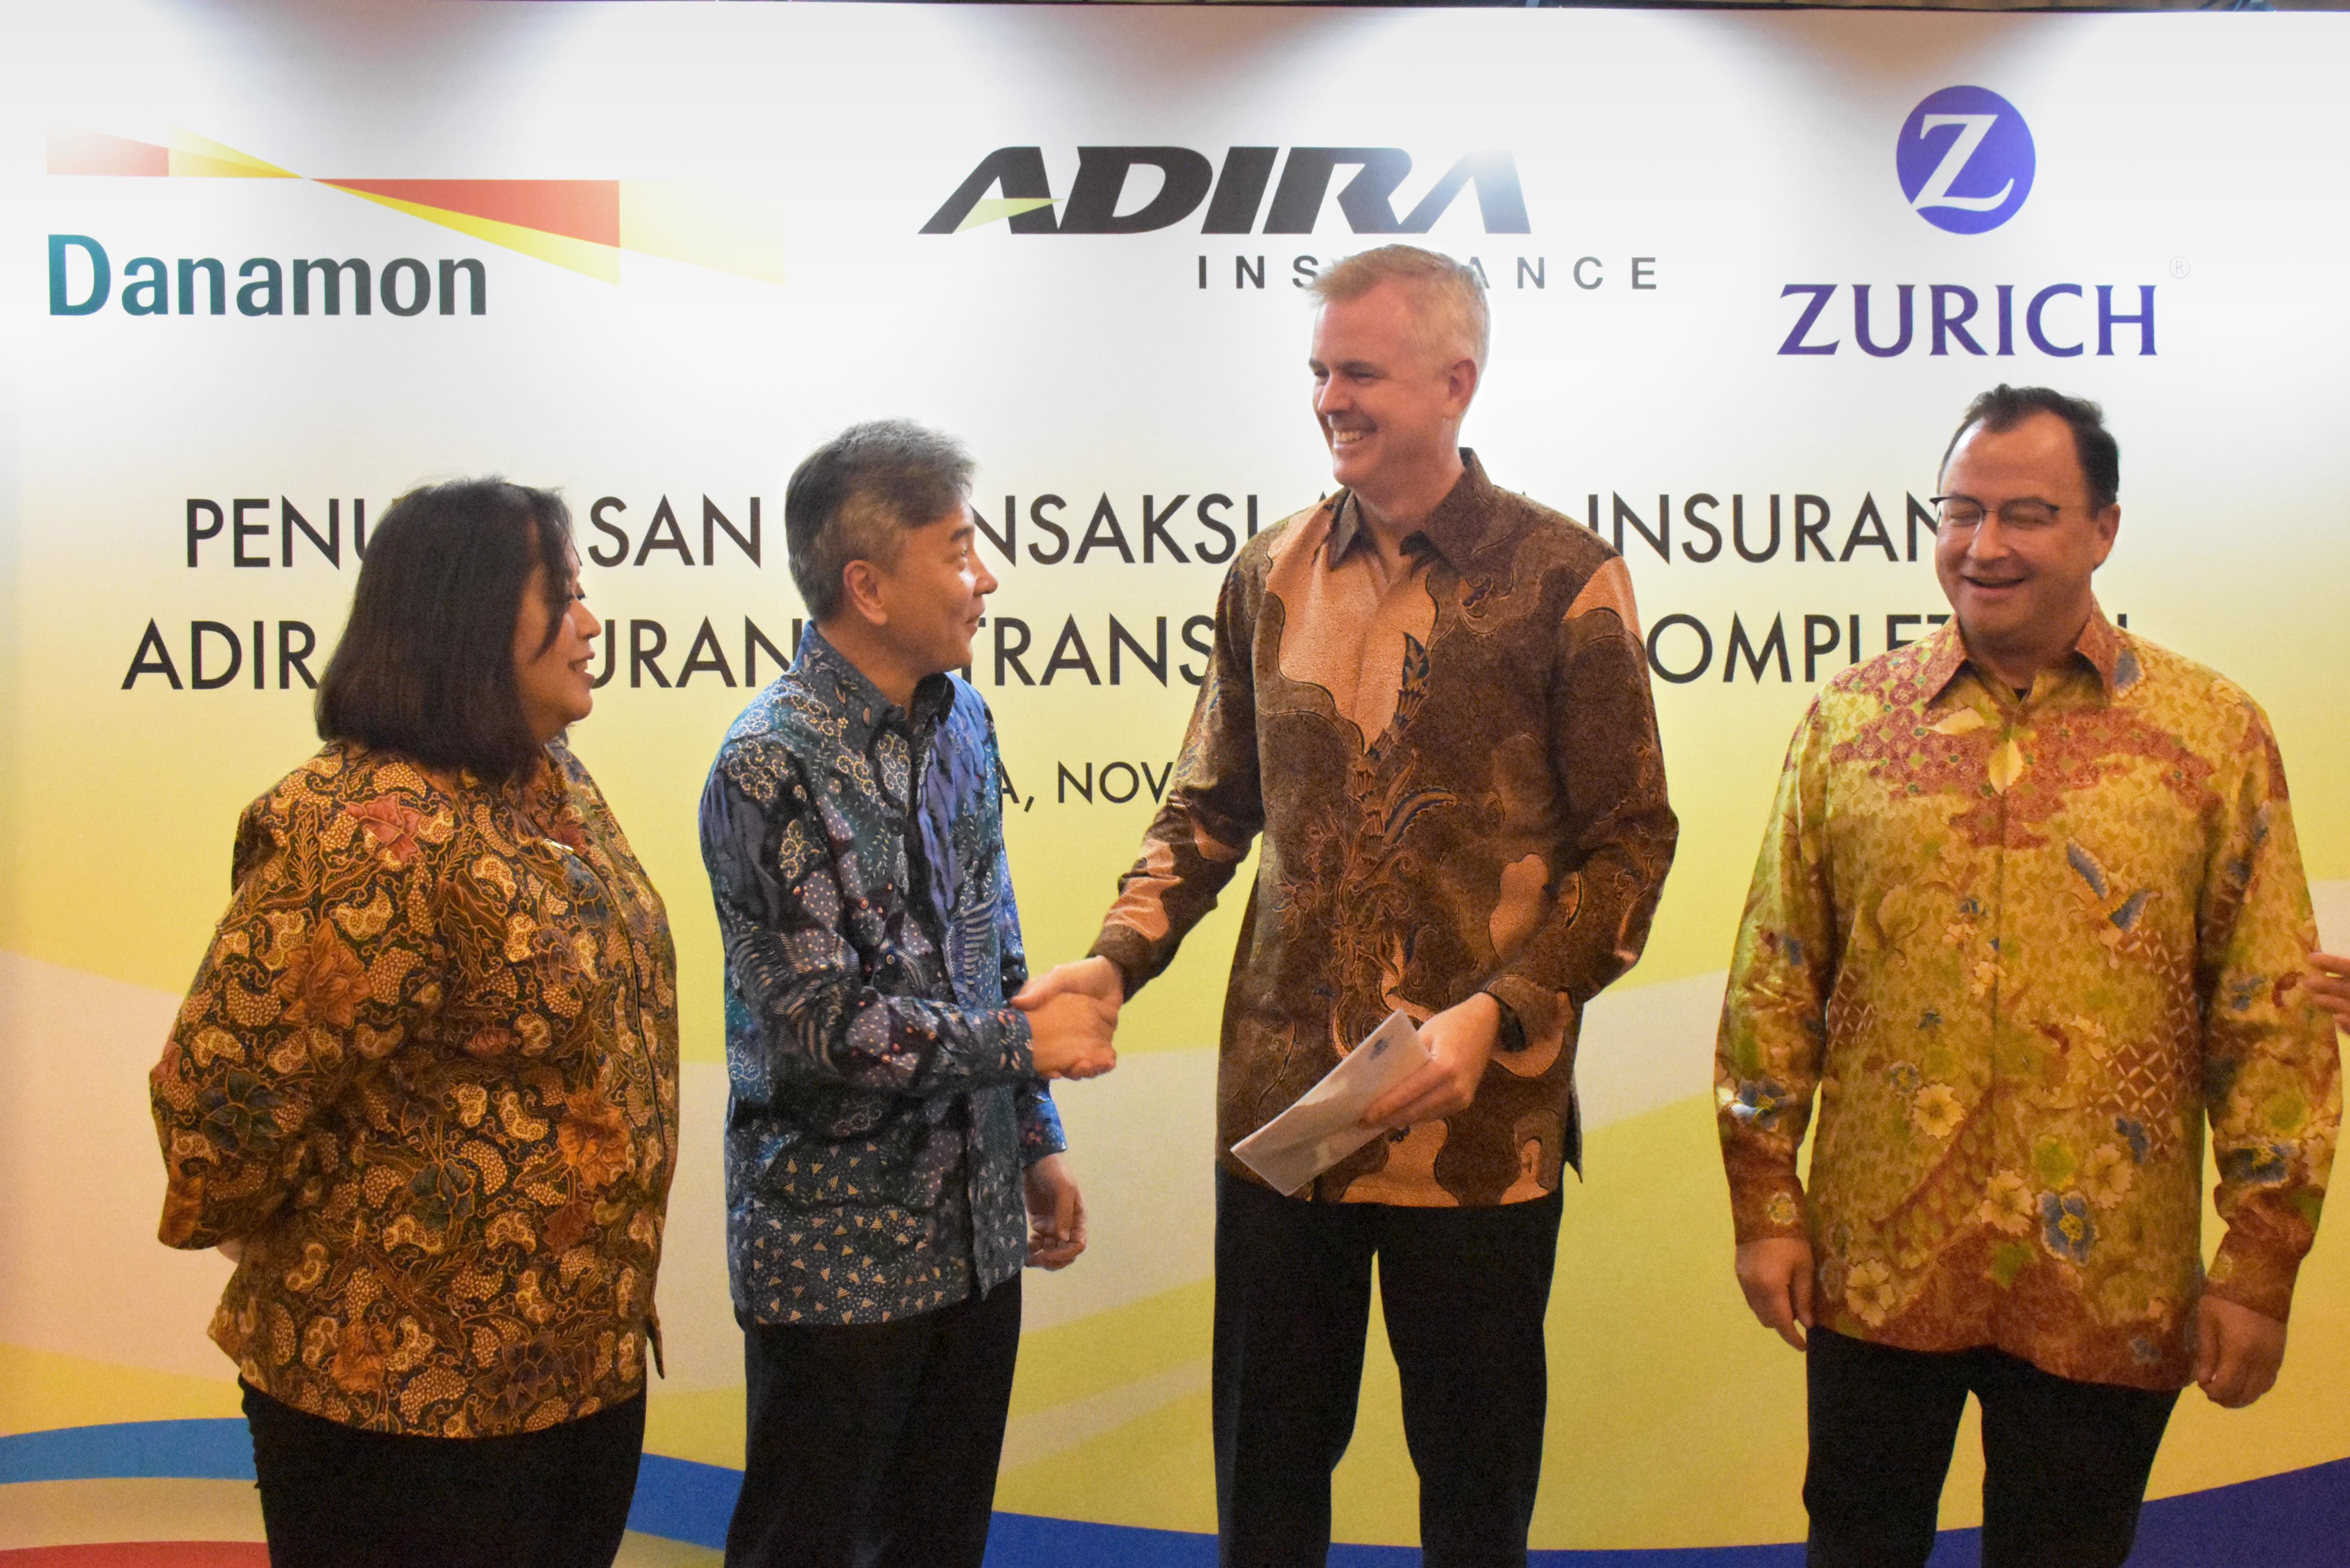 Zurich Akuisisi Asuransi Adira Menjadi Asuransi Umum Internasional Terbesar Di Indonesia 2019 Zurich Insurance